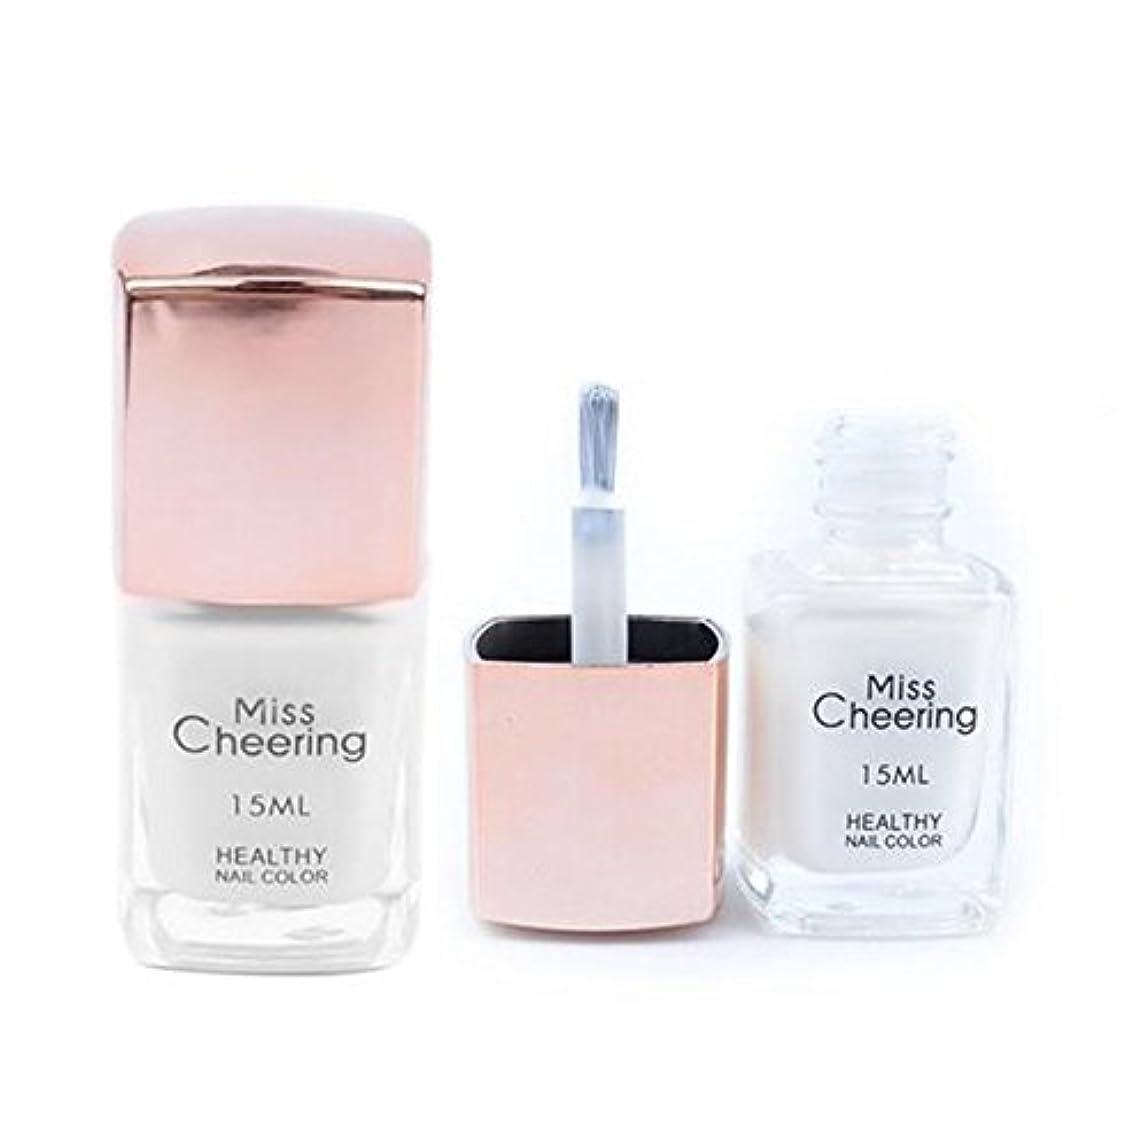 語包囲カルシウム1ボトル 15ML ピールオフリキッドネイル Peel Off Nail Creamスキンクリームスキンケアベースコード ネイルケアネイル用品ネイルアートピンク ホワイト ブルー3色から選べ (ホワイト)